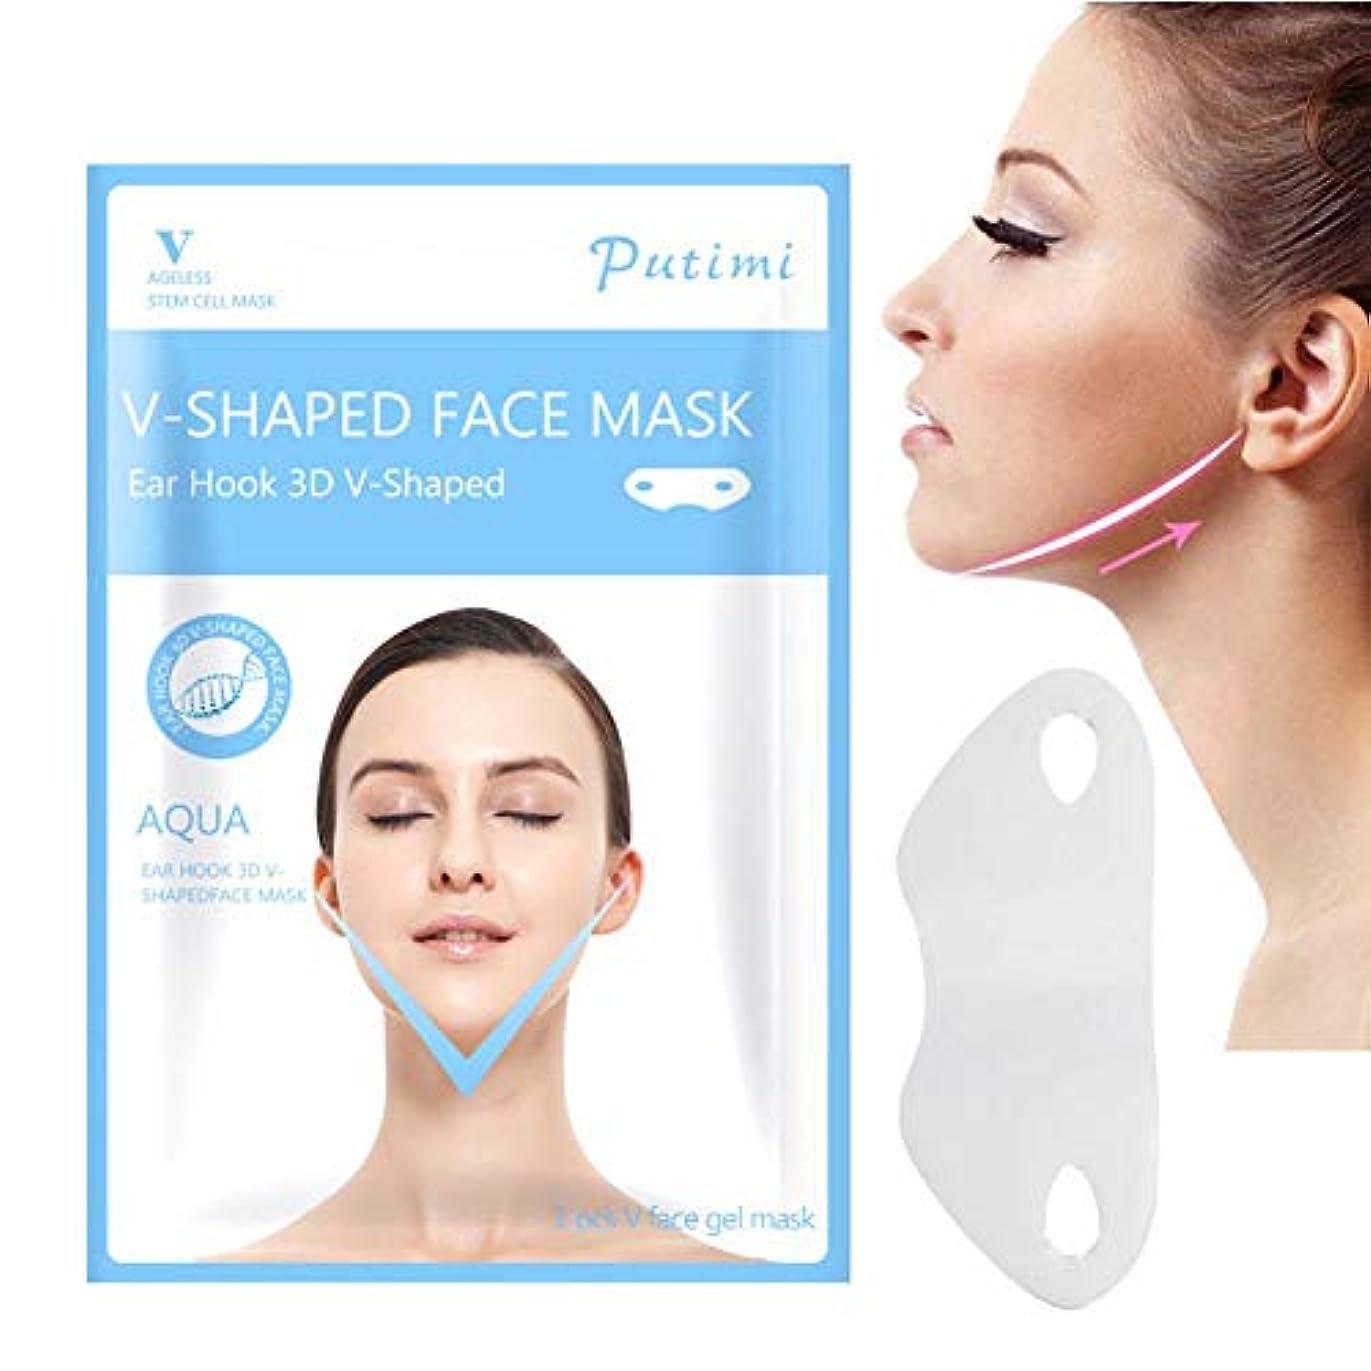 凍るよく話される絶対のSILUN 最新型 Vフェイシャルマスク フェイスマスク 小顔 マスク フェイスラインベルト 美顔 顔痩せ 保湿 血行を促進する 睡眠マスク